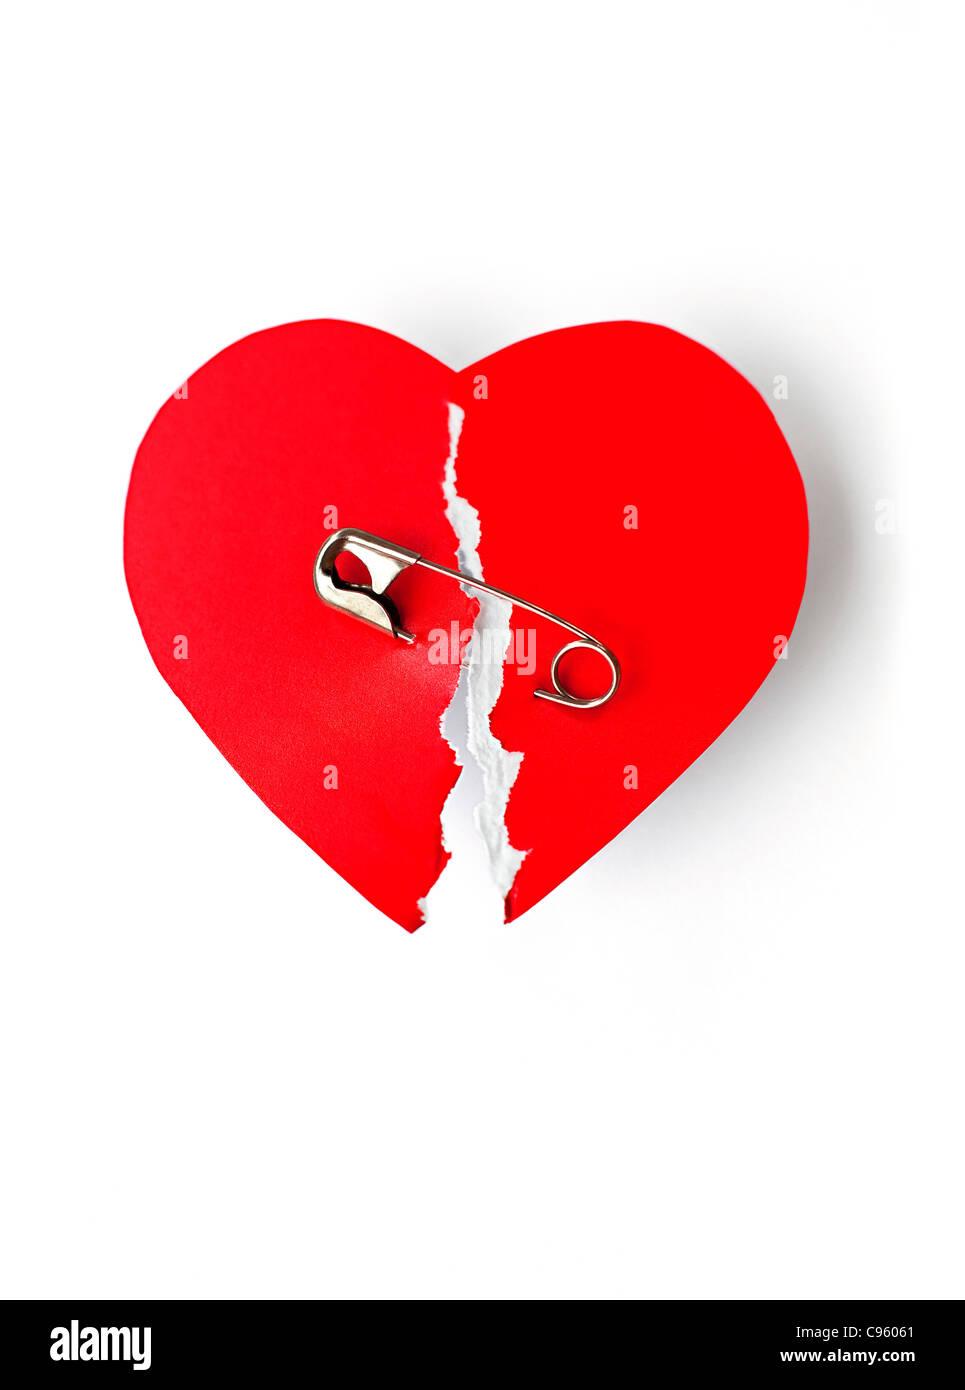 Recomponer un corazón roto imagen conceptual. Imagen De Stock